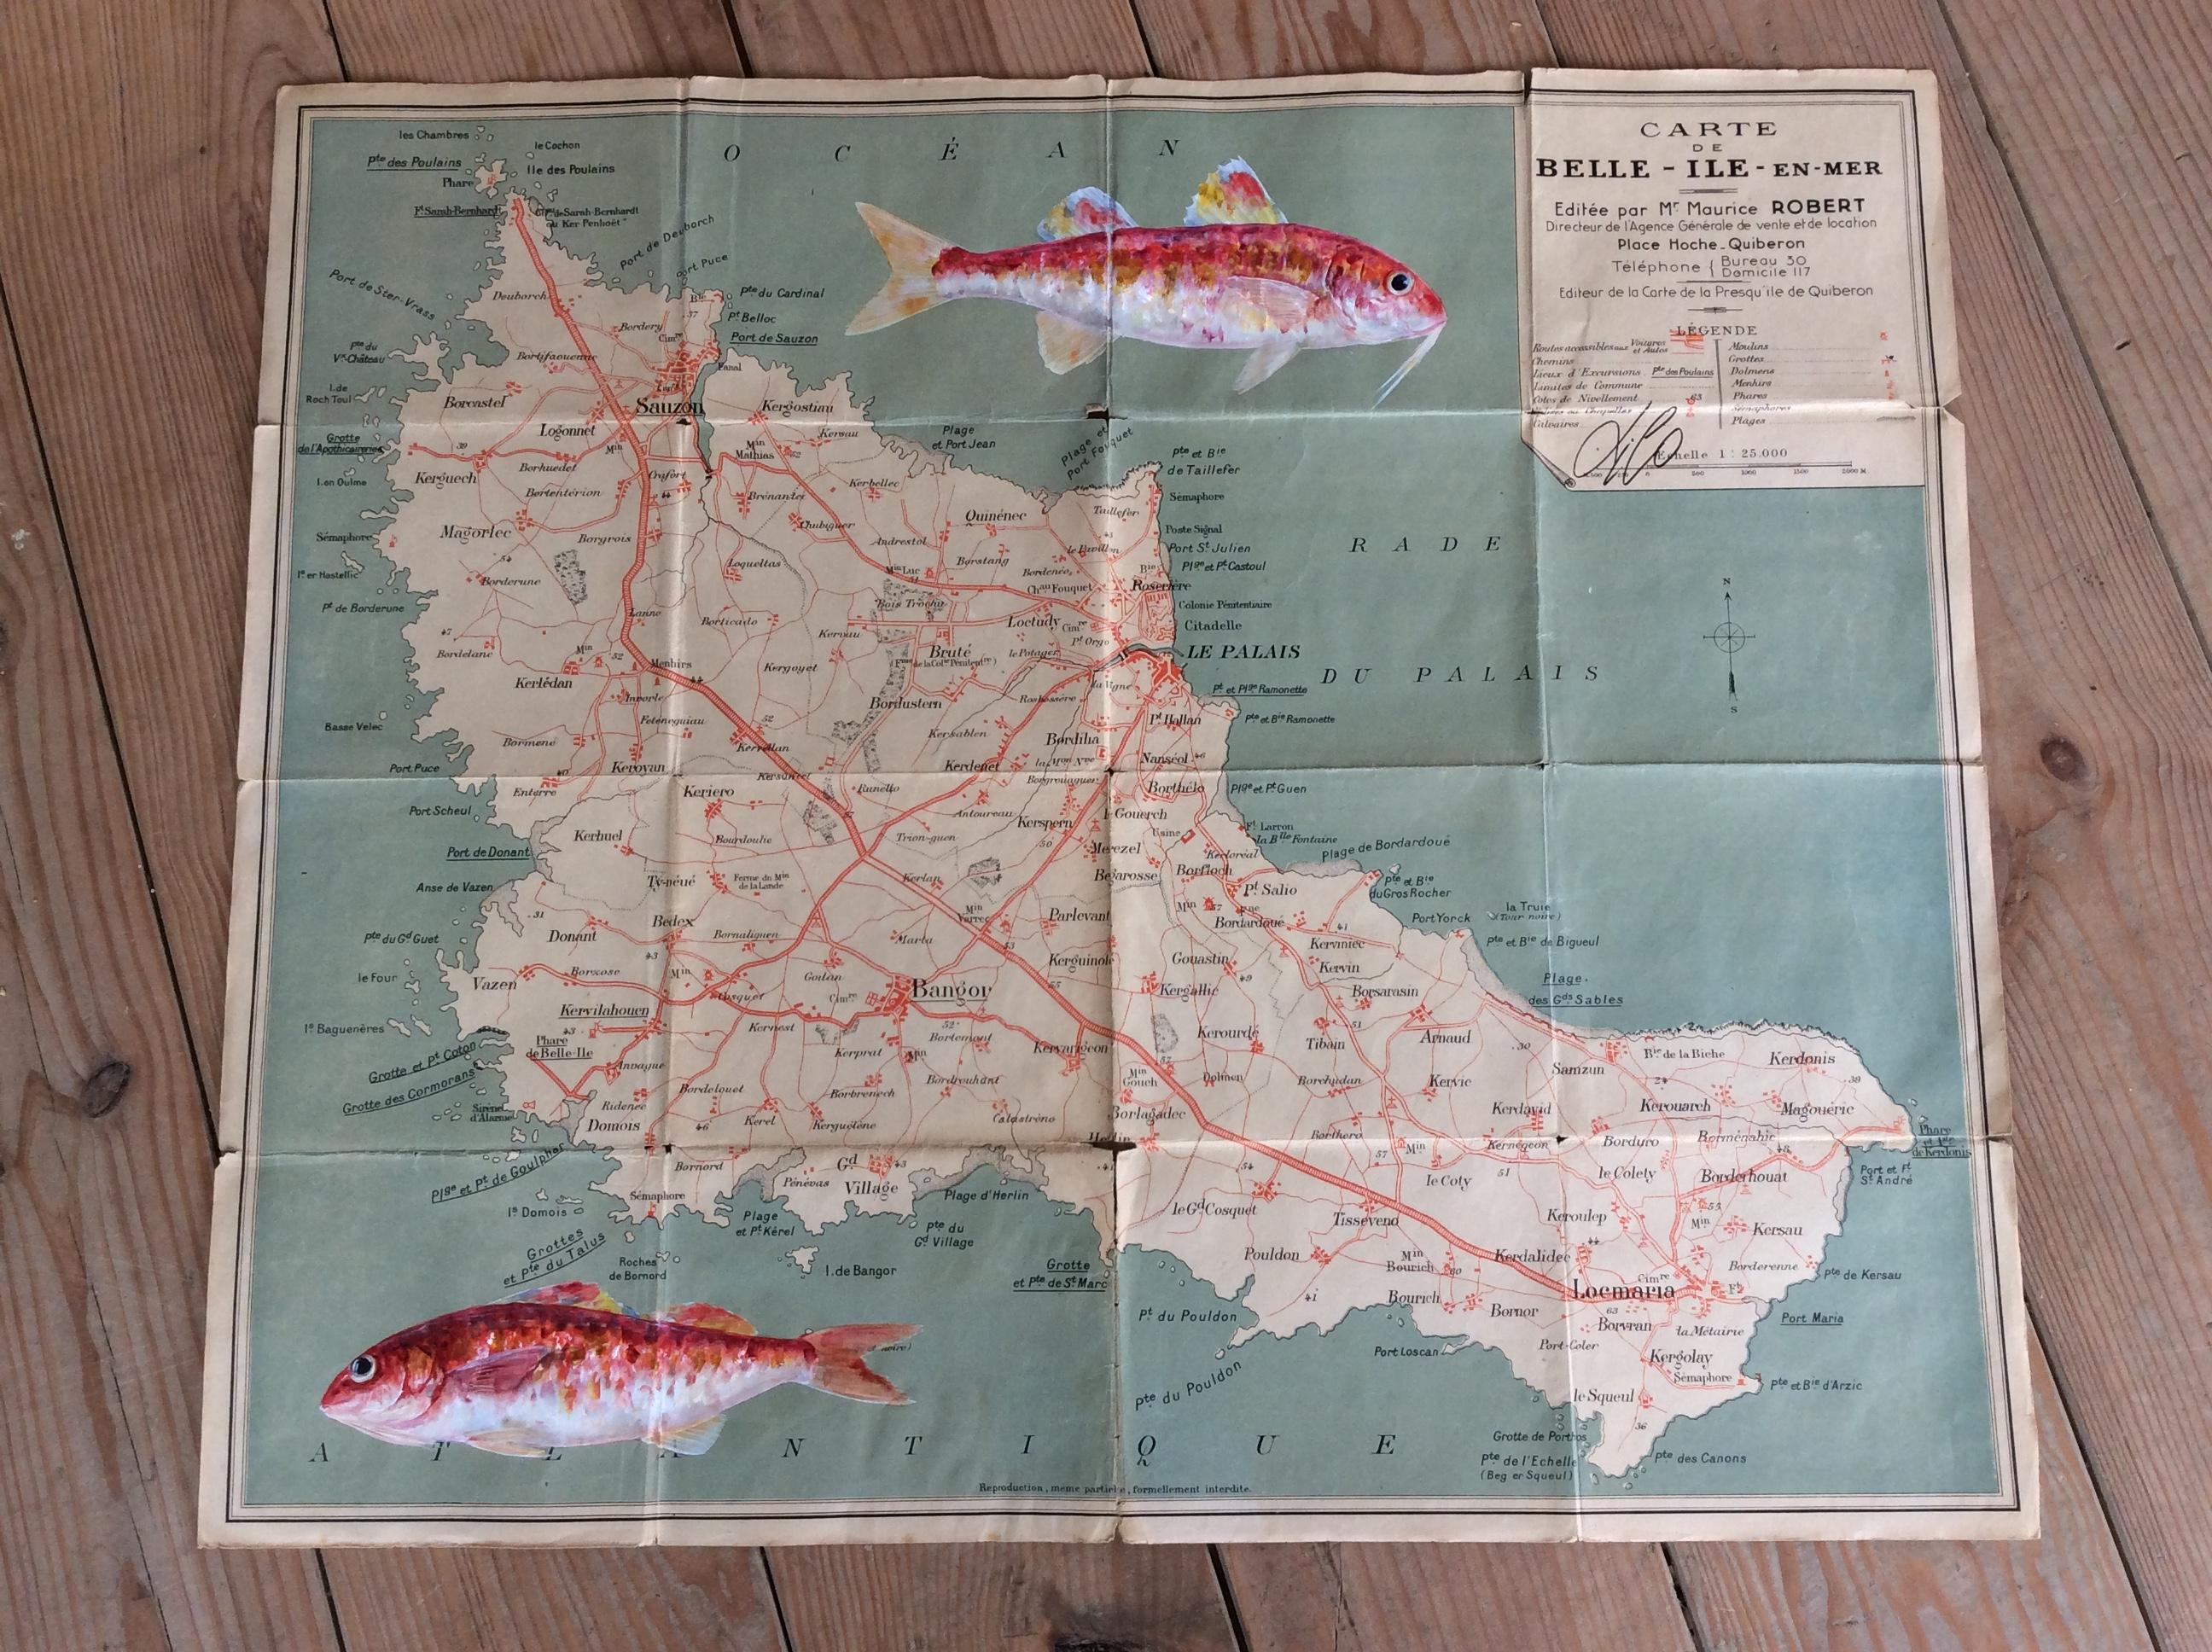 Carte de Belle Ile